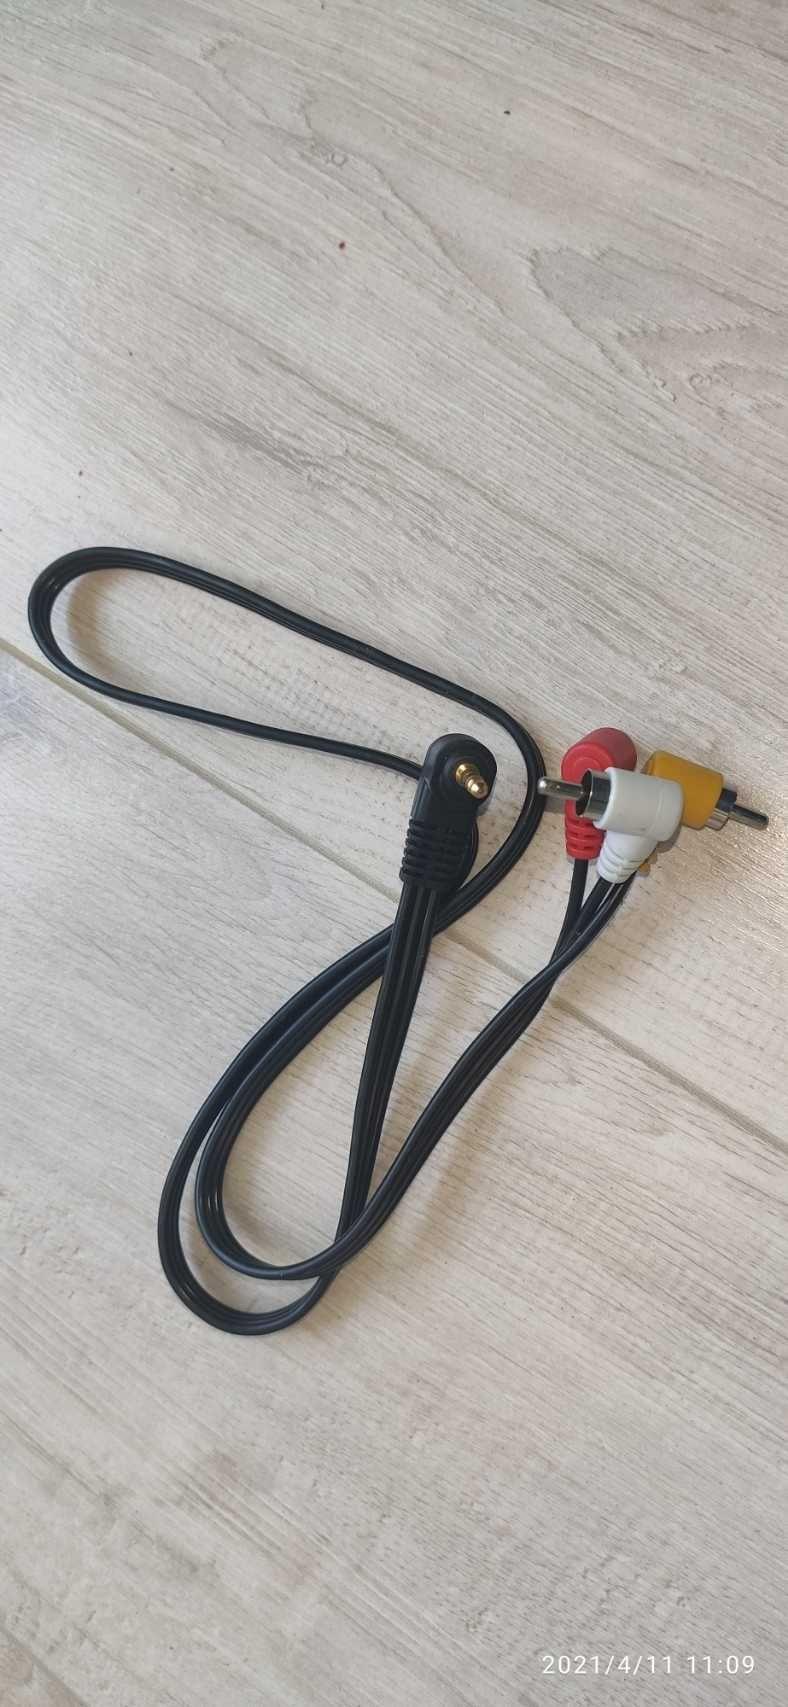 Przewód Jack 3.5mm - 3 x cinch 0,8m